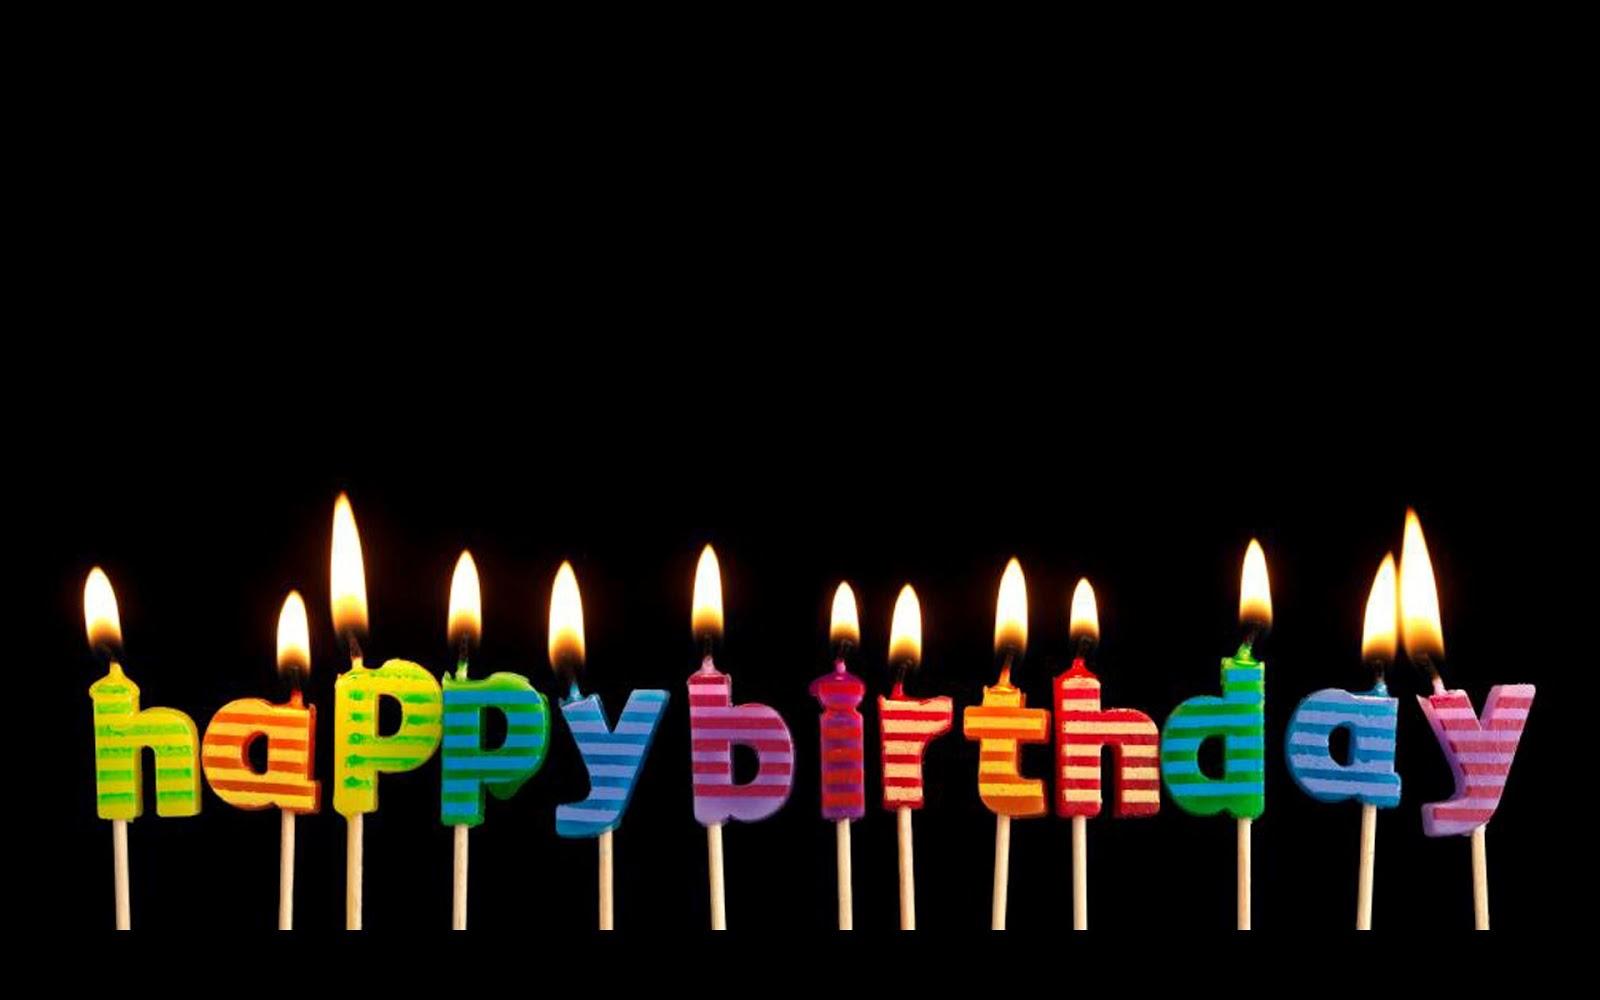 přání k narozeninám texty anglicky Pod myšími křídly: Jaký dárek vybrat? přání k narozeninám texty anglicky